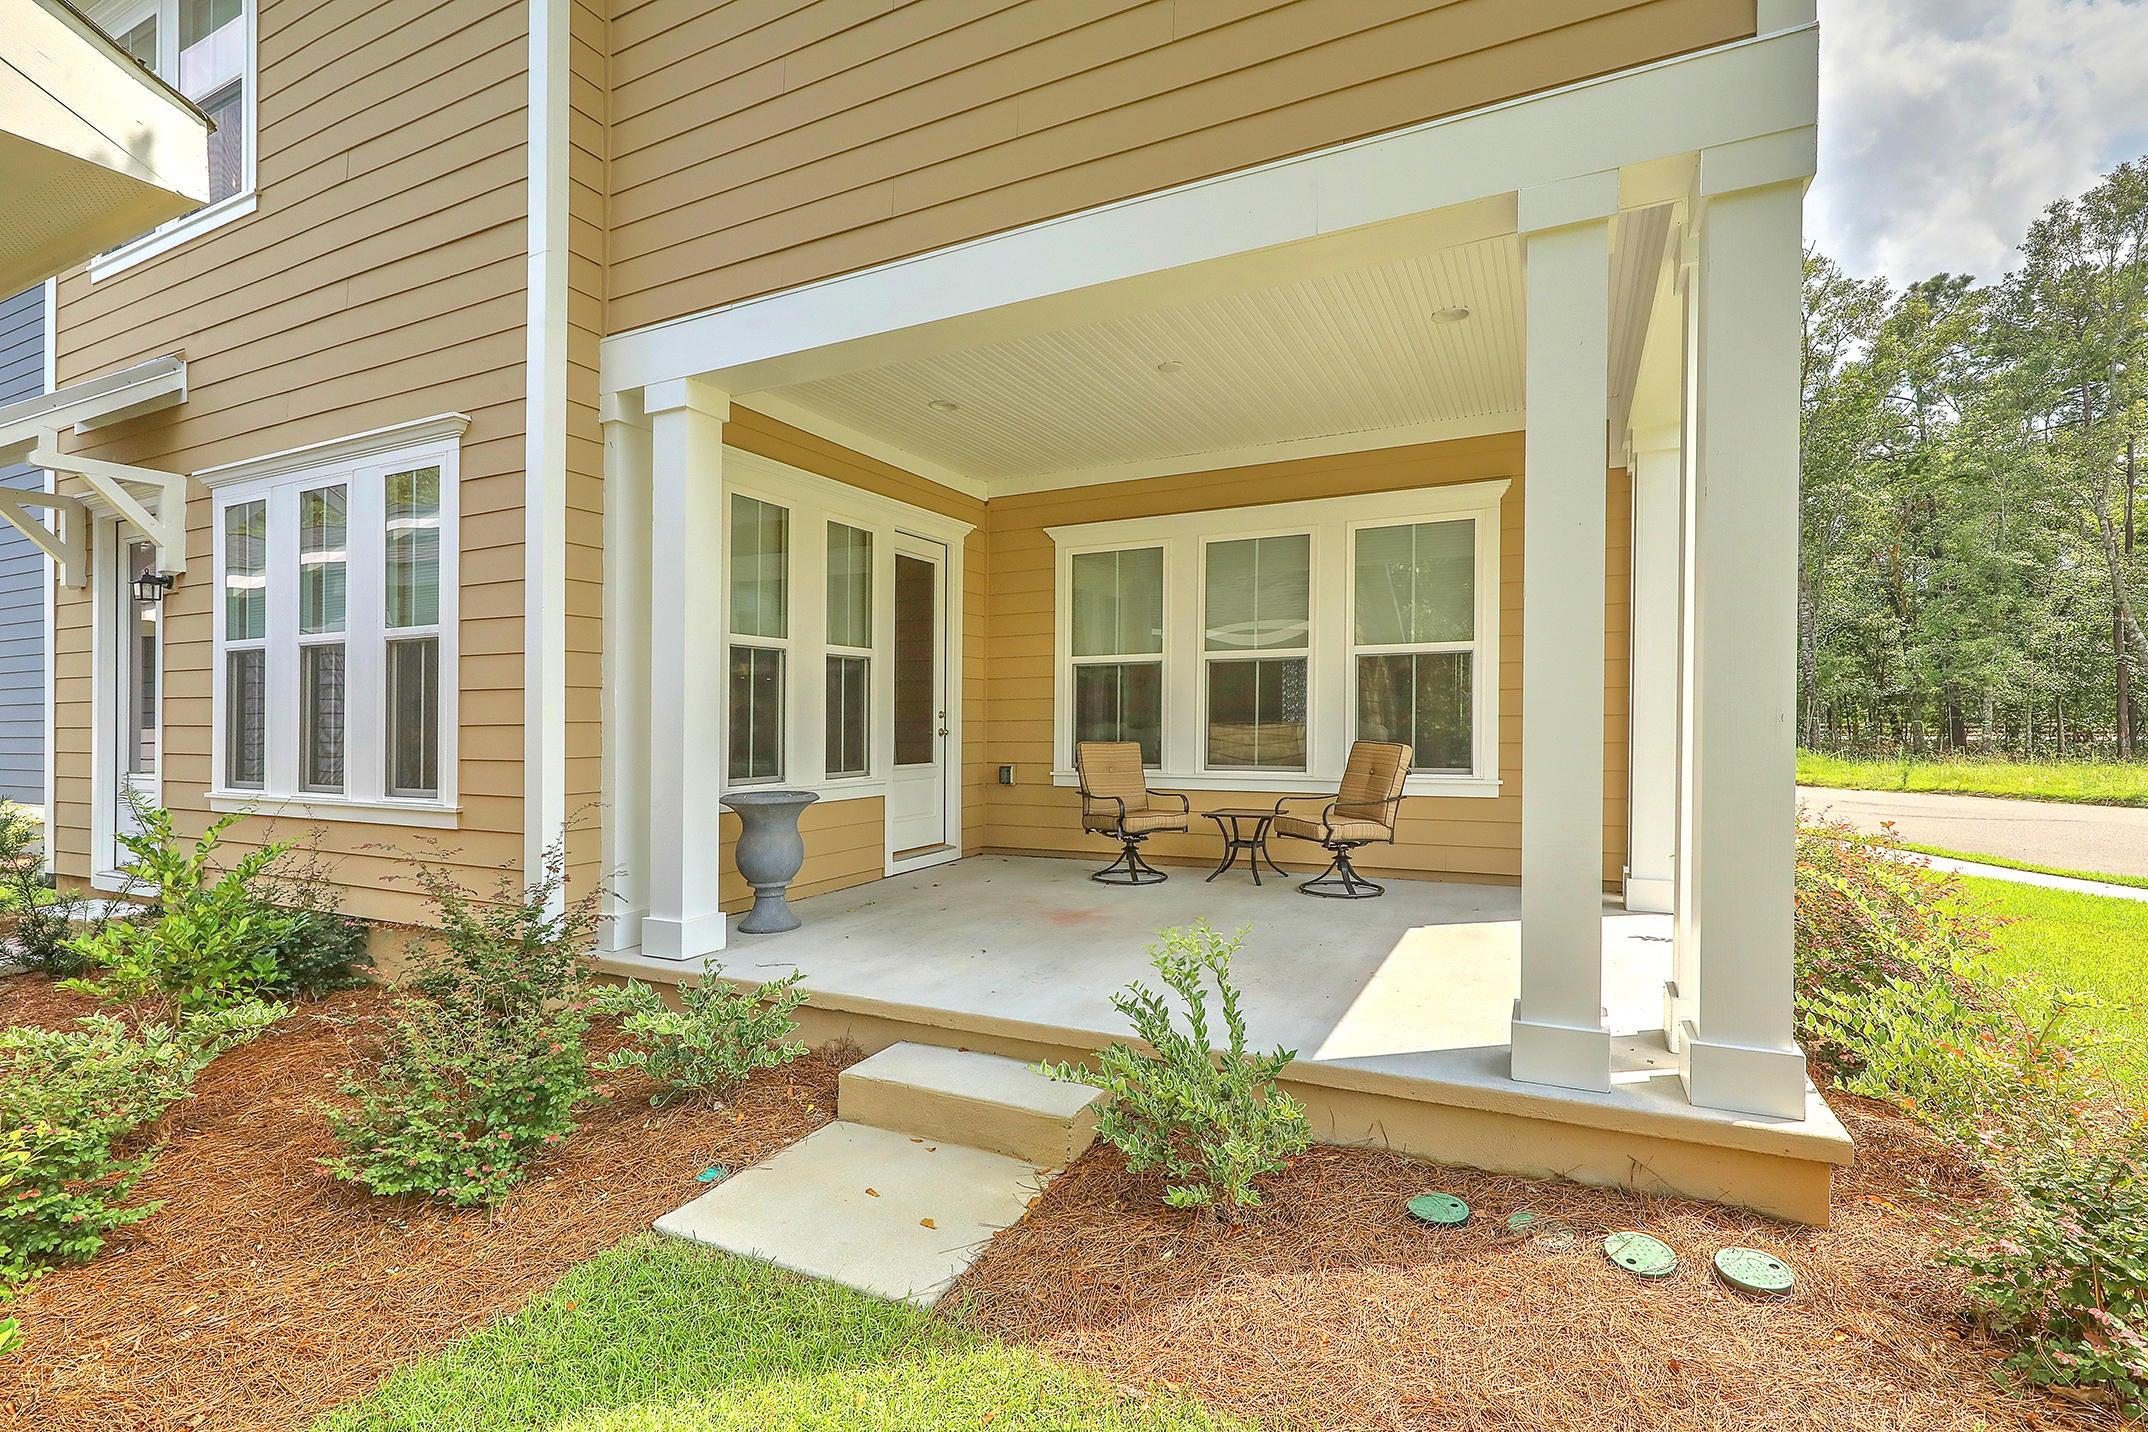 Limehouse Village Homes For Sale - 104 Ilderton, Summerville, SC - 5